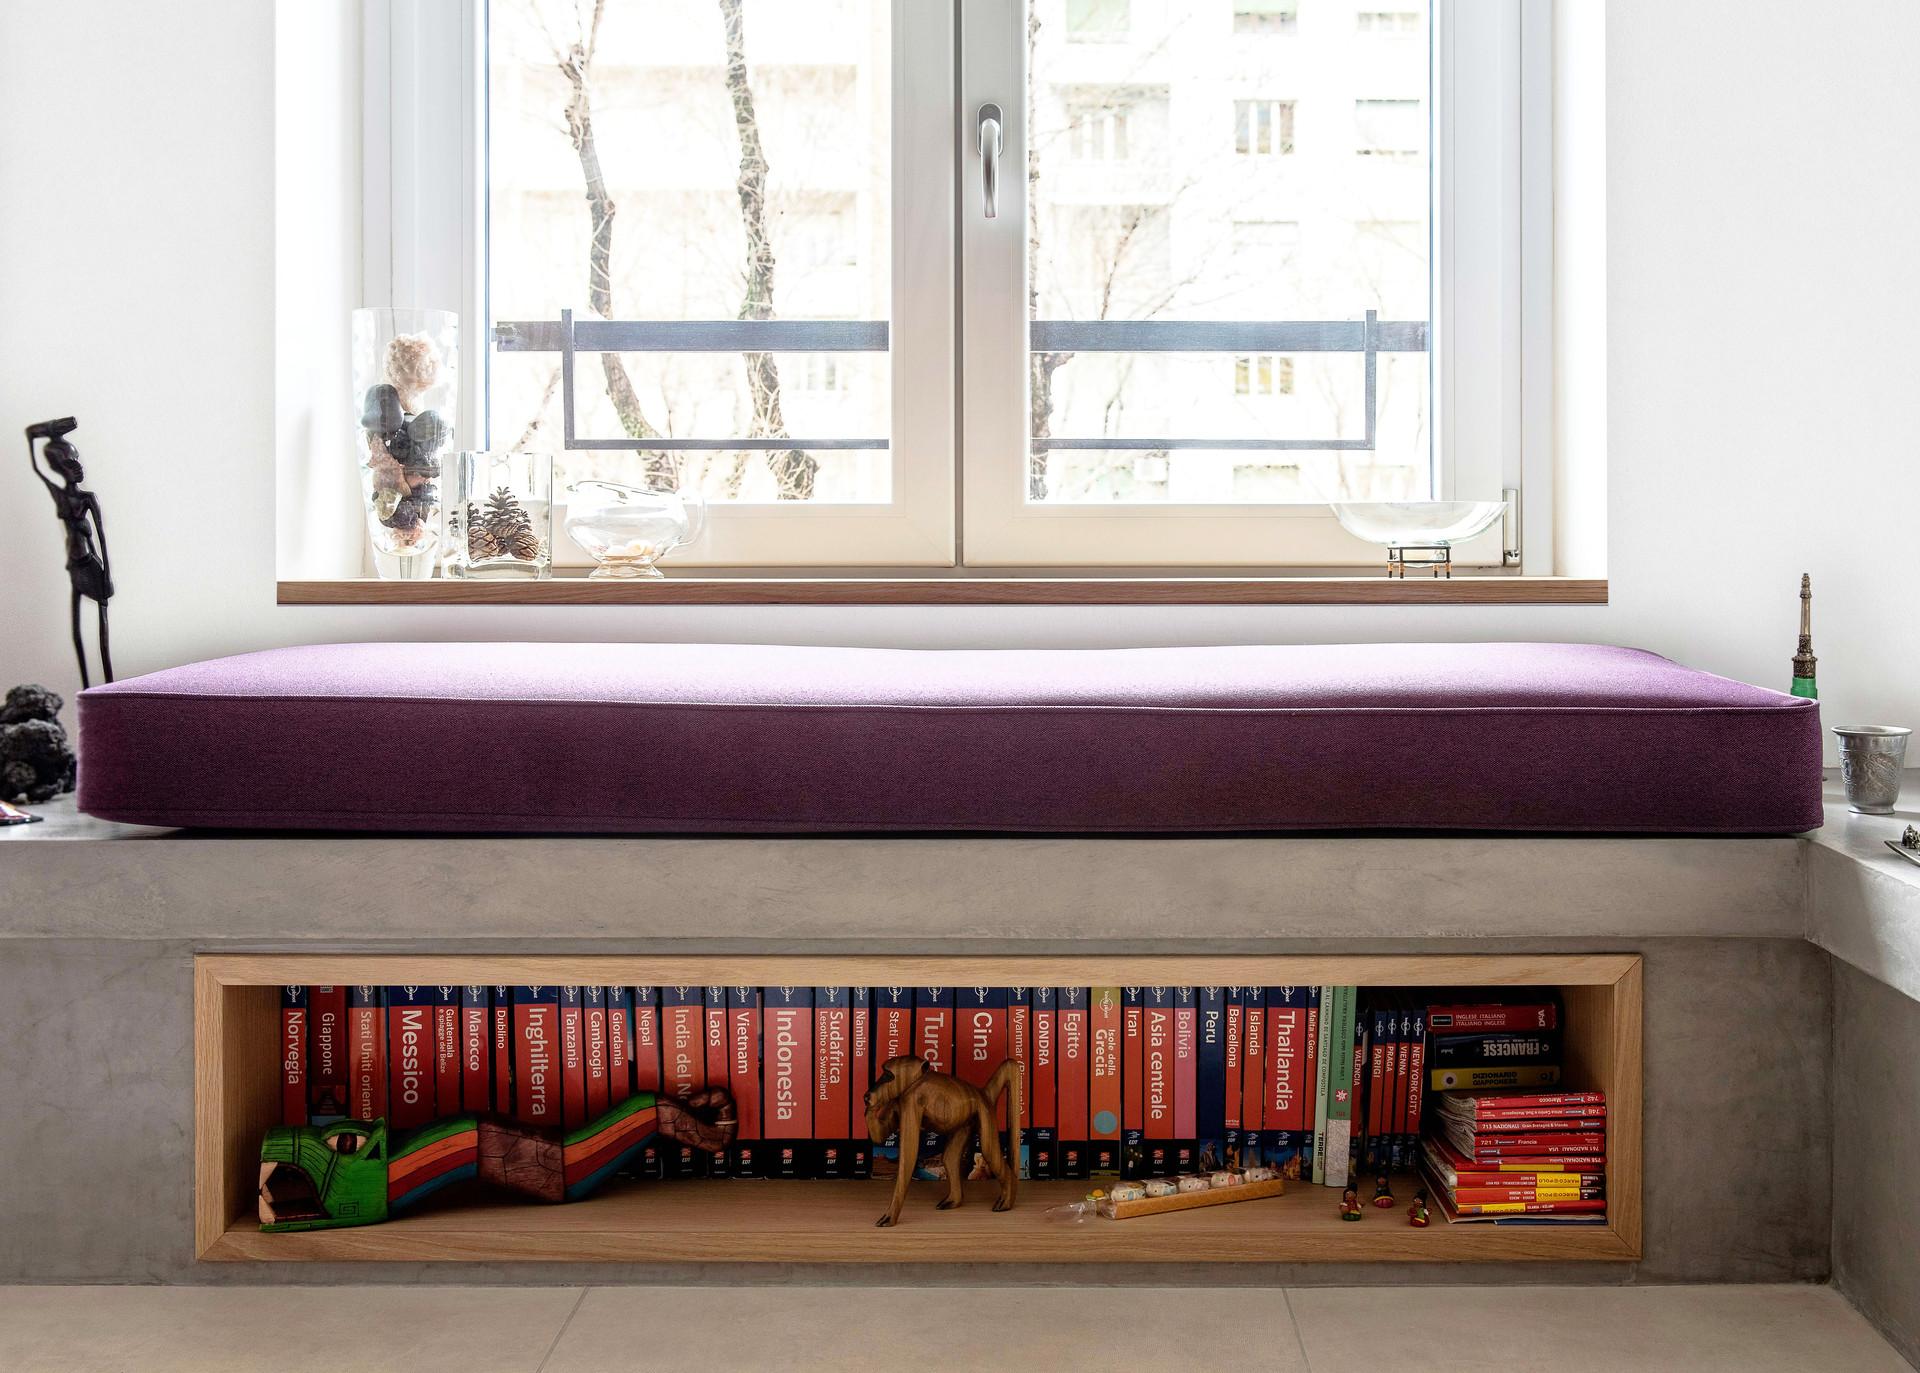 Libreria+Seduta I Bookcase+Seating